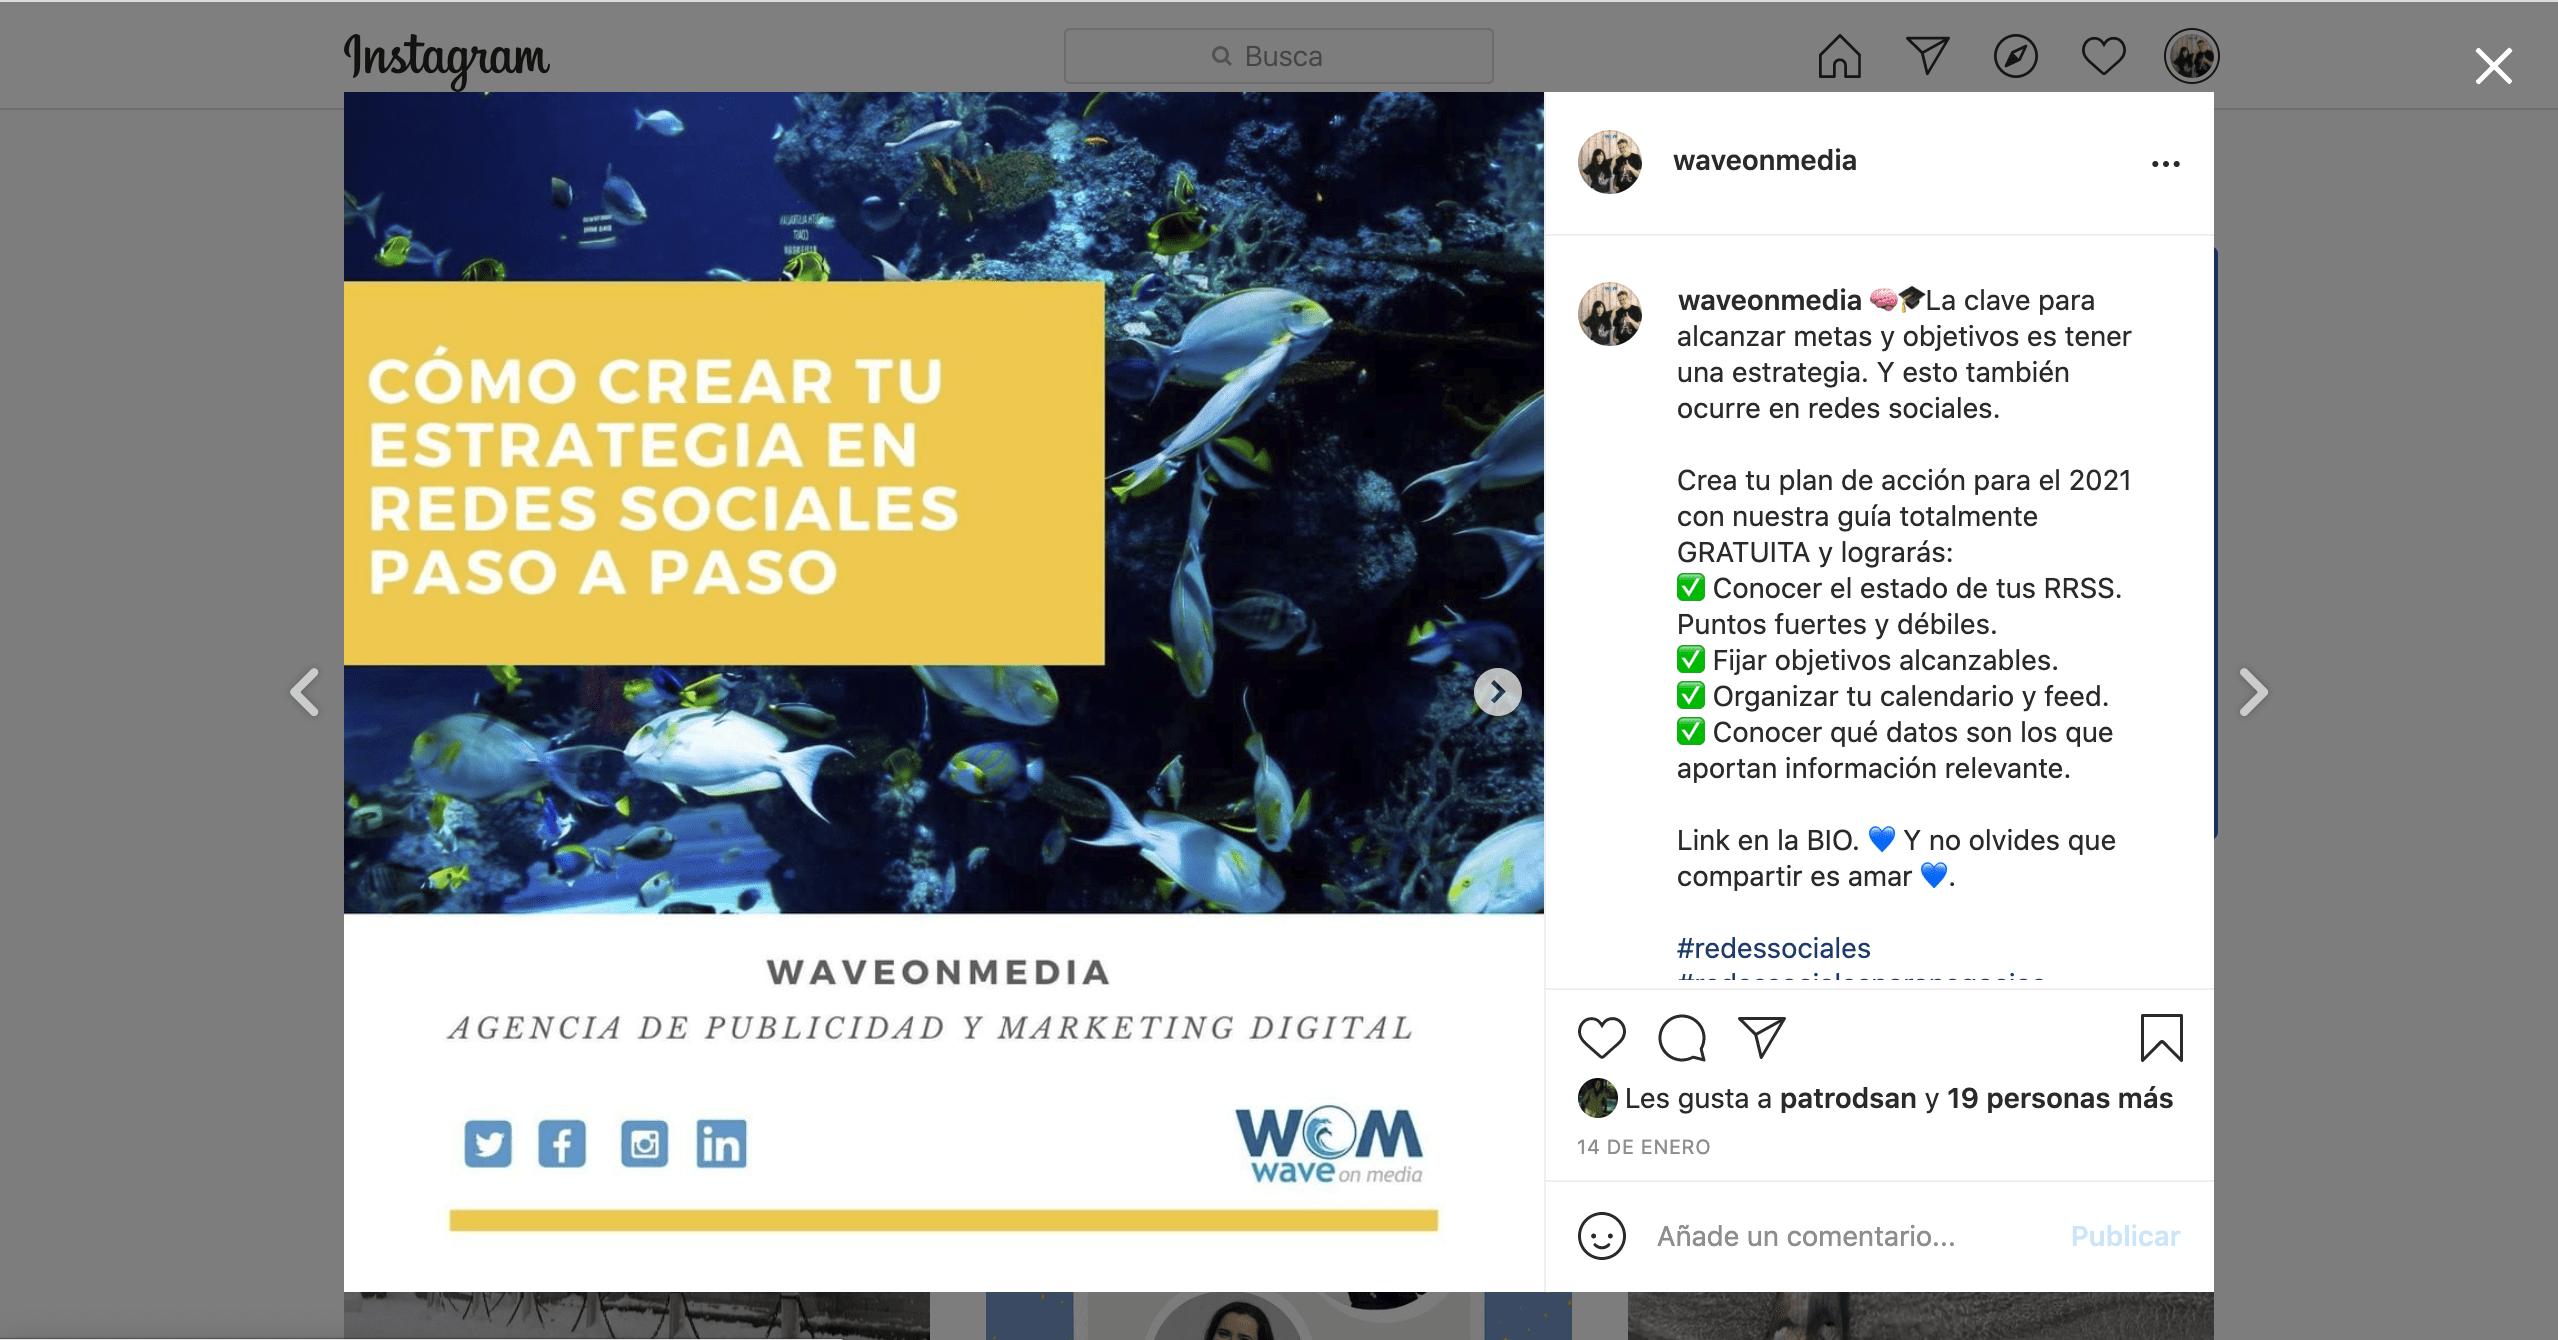 Qué-es-Instagram-perfil-empresa-_Wave-On-Media